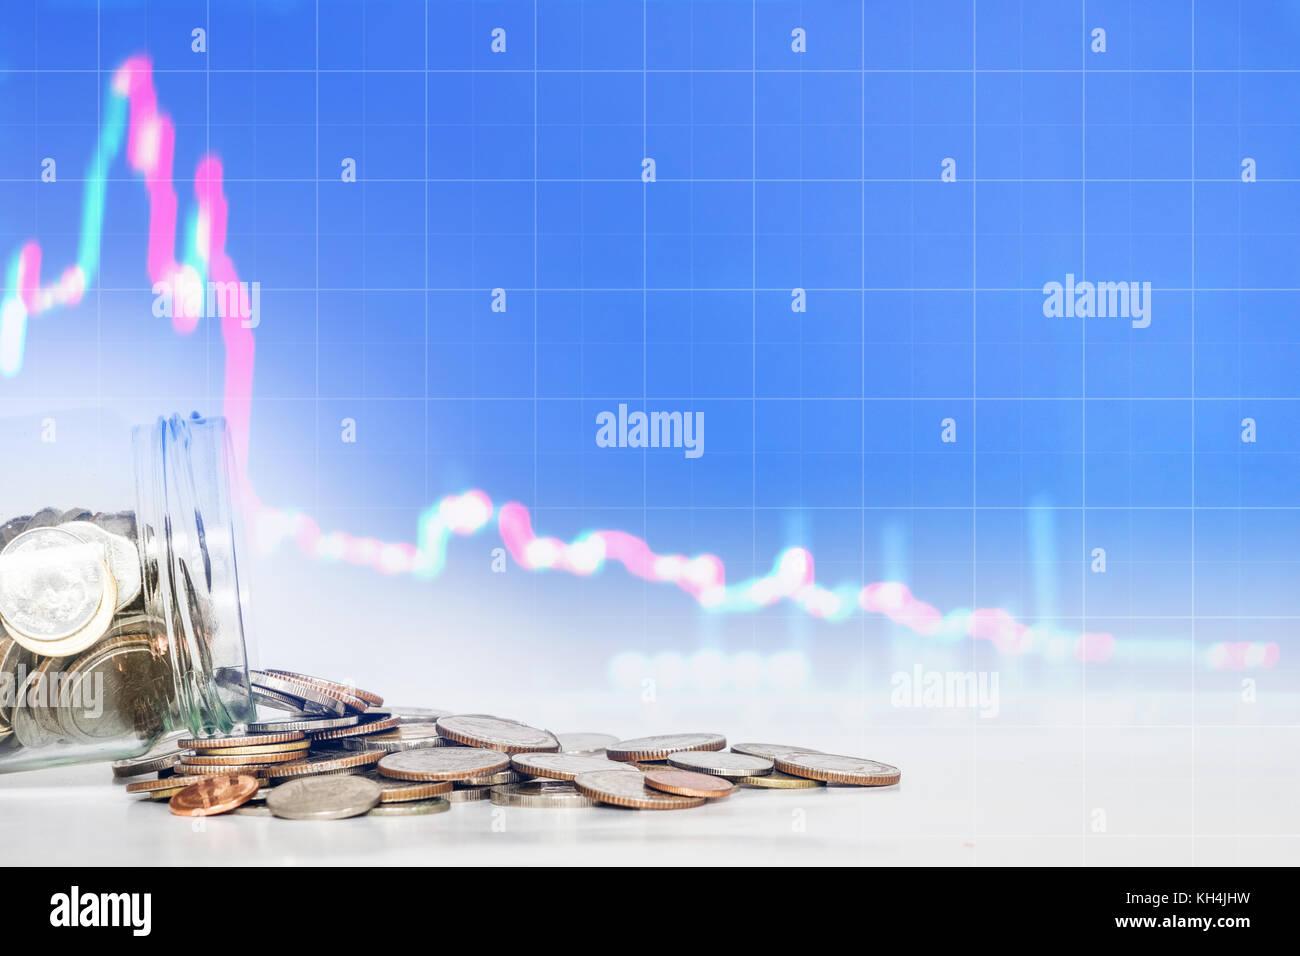 Münzen verschüttete aus Glas Glas mit nach unten fallen grafik hintergrund. Geld, Konkurs und Misserfolg Stockbild